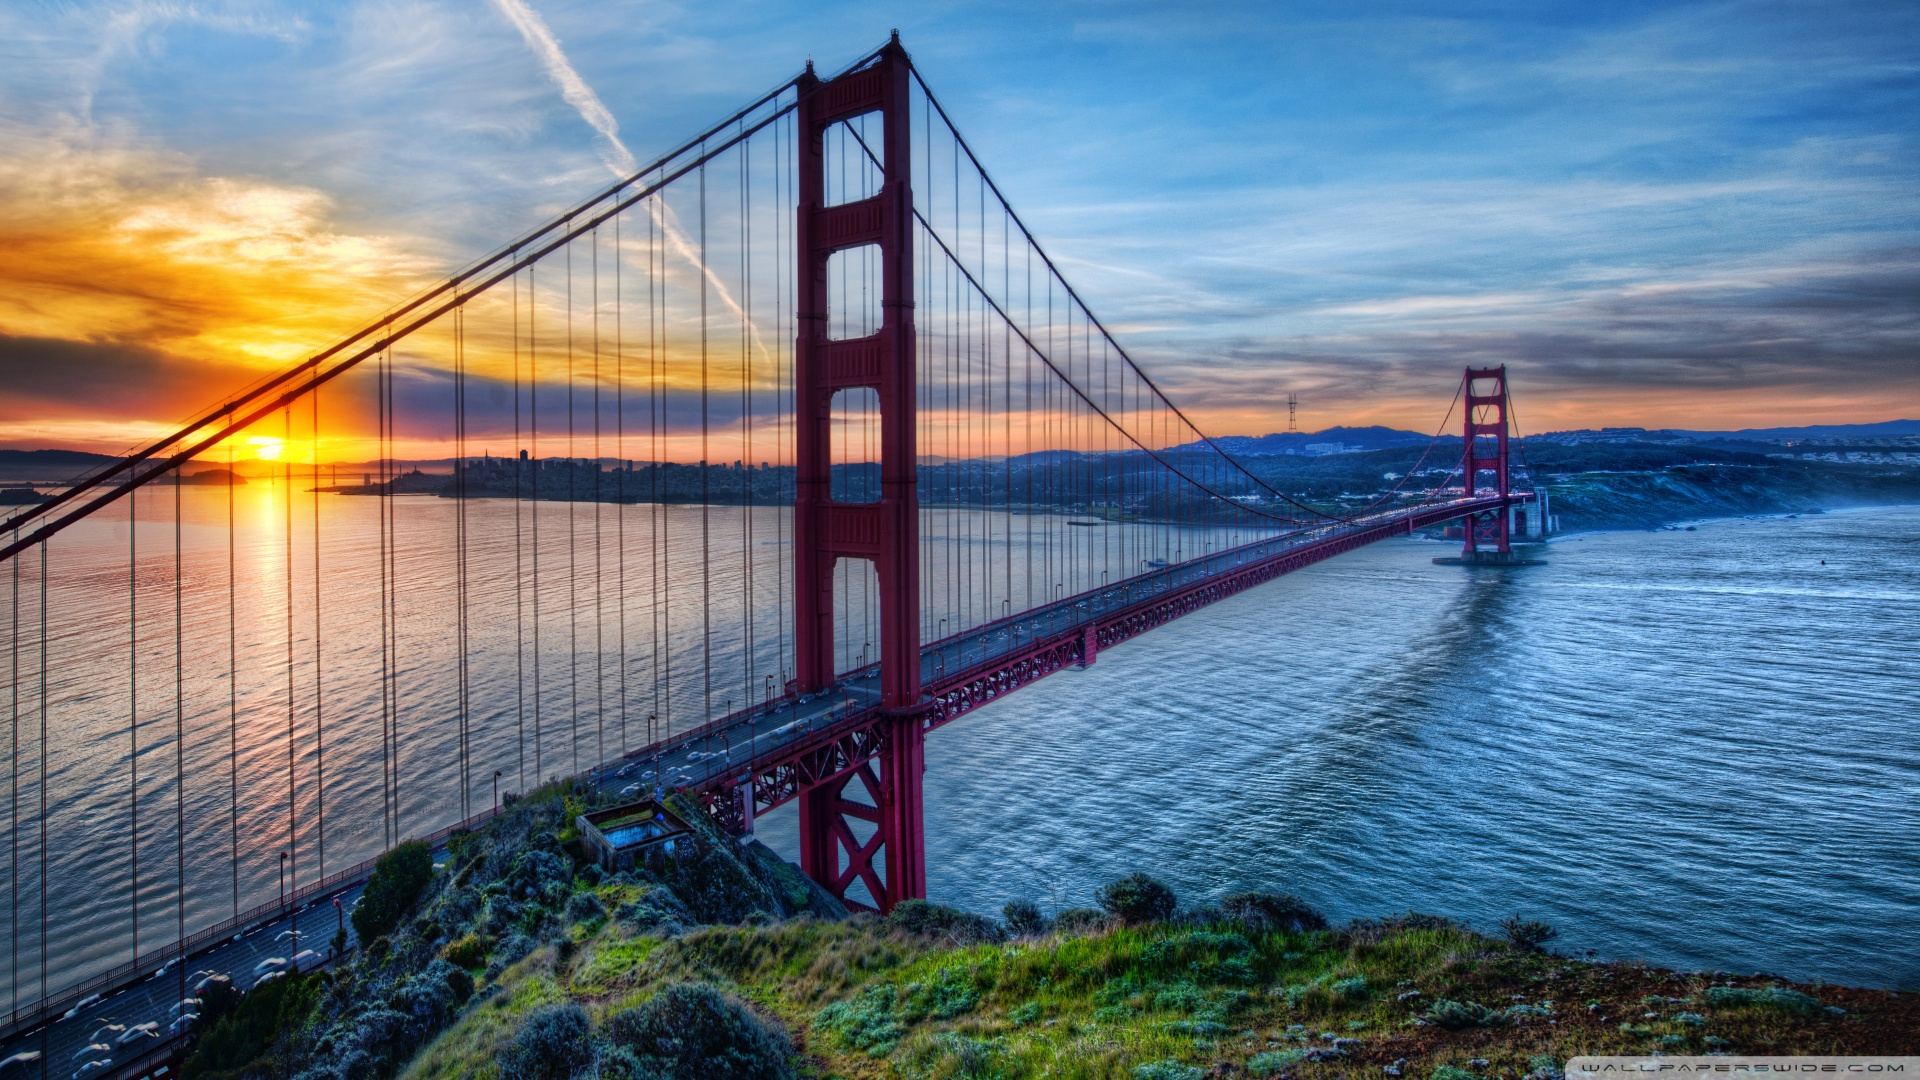 At San Francisco Wallpaper 1920x1080 Sunrise At San Francisco 1920x1080